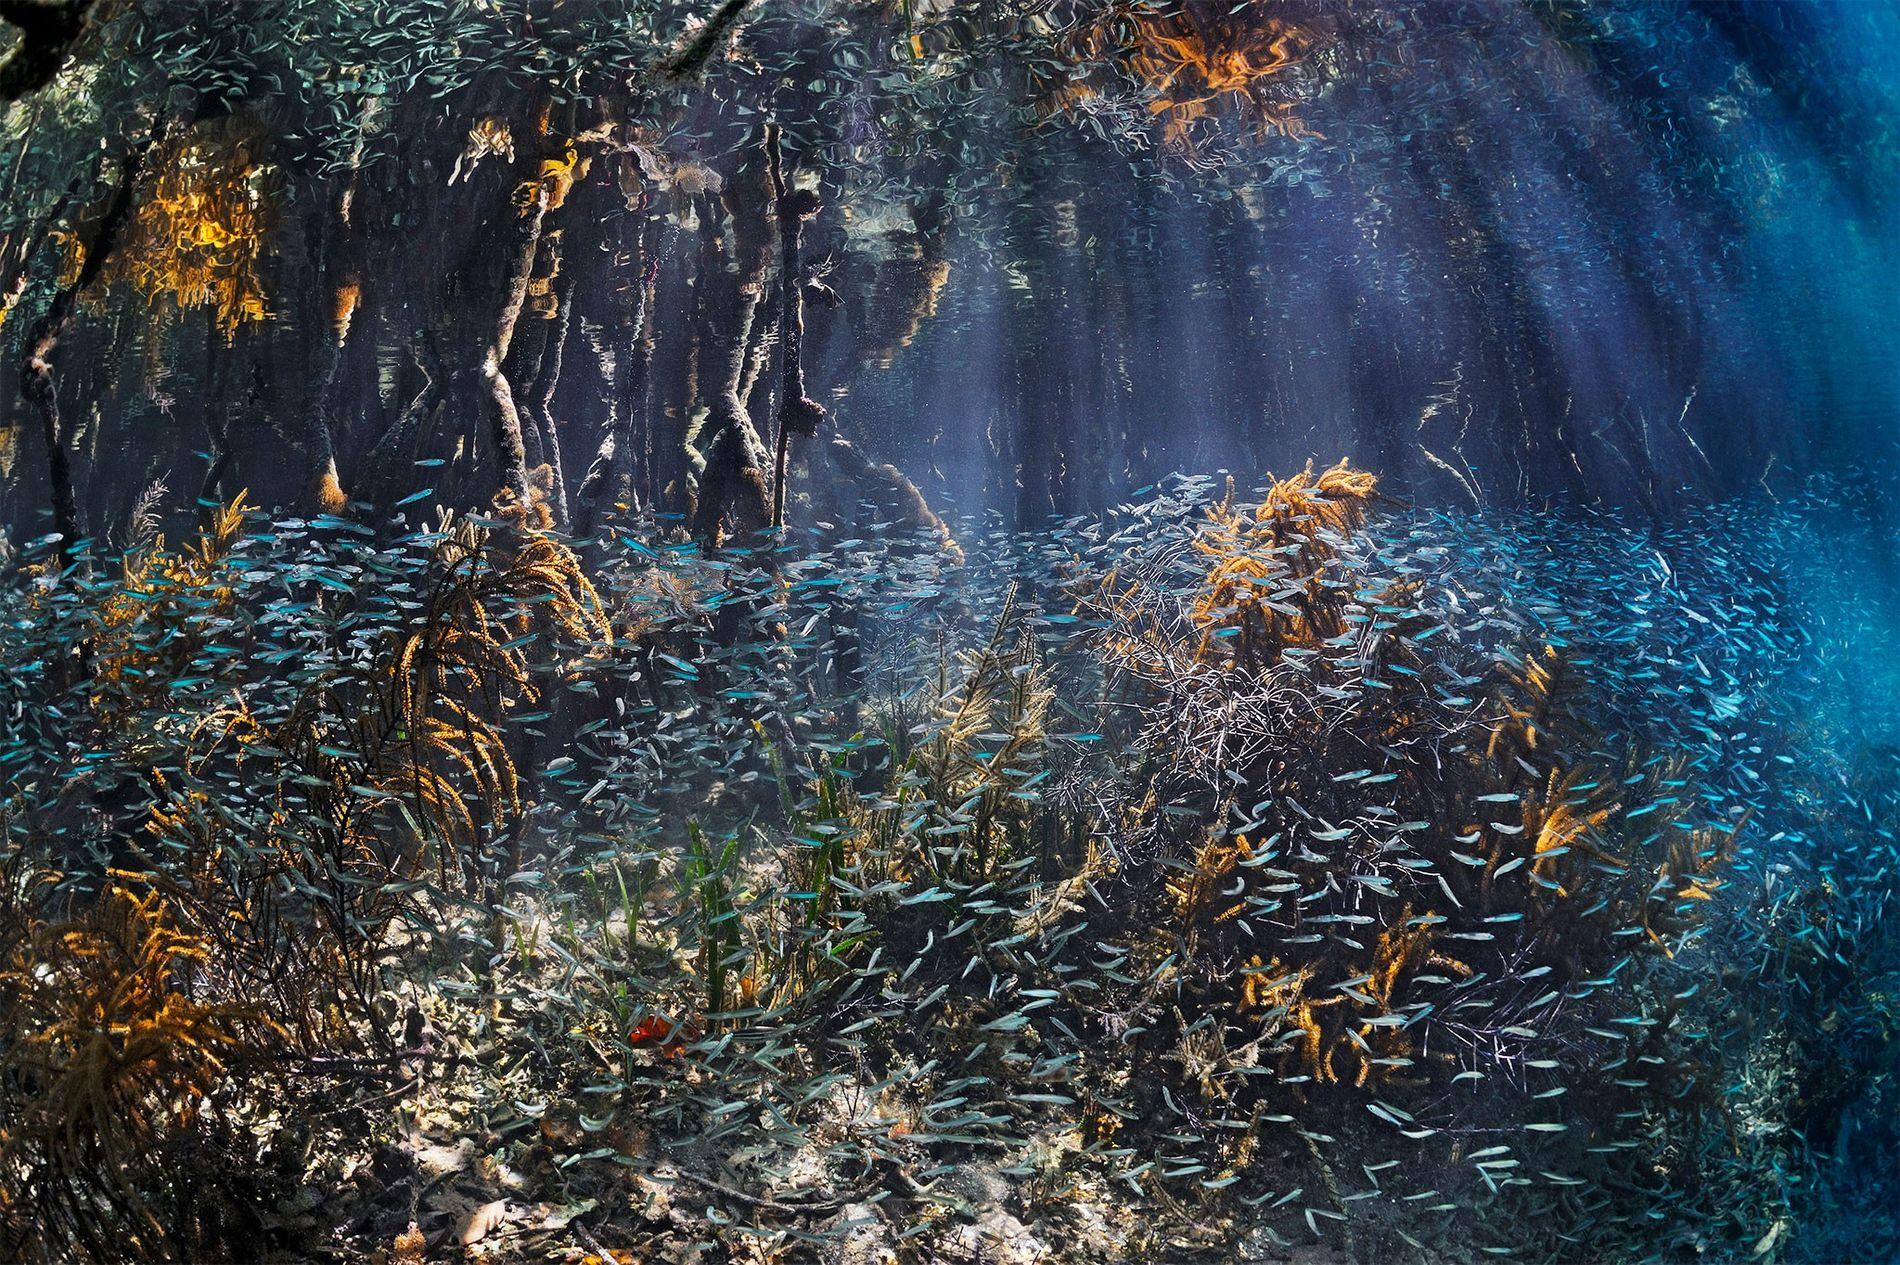 Cardumes de peixes juvenis invadem os mangais em Belize, onde encontram proteção durante a fase de ...